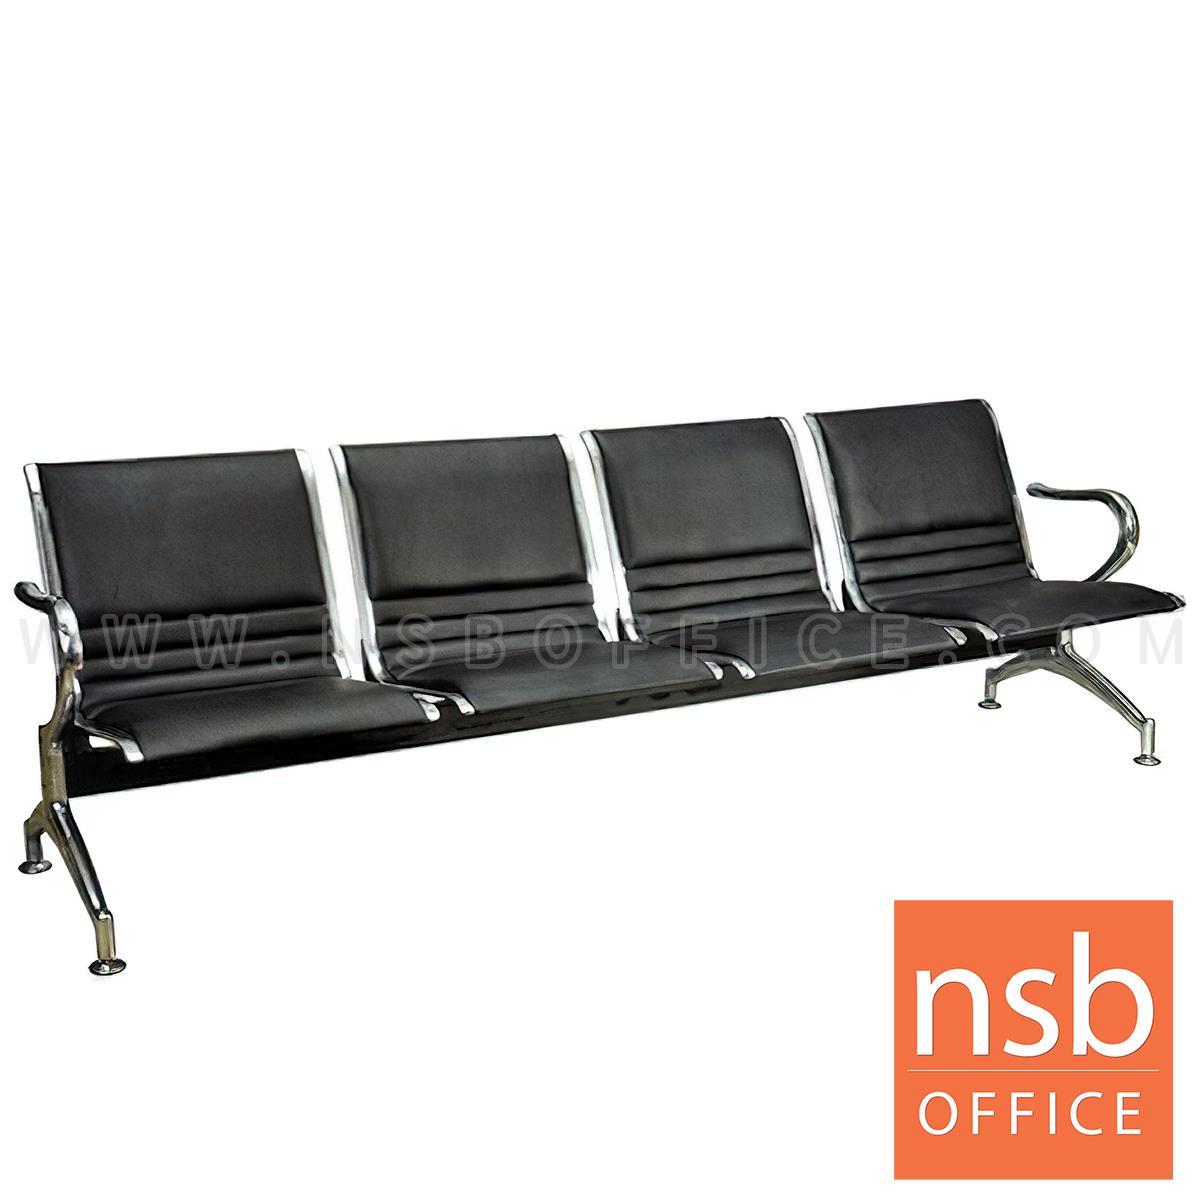 เก้าอี้นั่งคอยเหล็กหุ้มหนังเทียม รุ่น Chebyshev (เชบีเชฟ) 3, 4 ที่นั่ง ขนาด 175W, 223W cm.